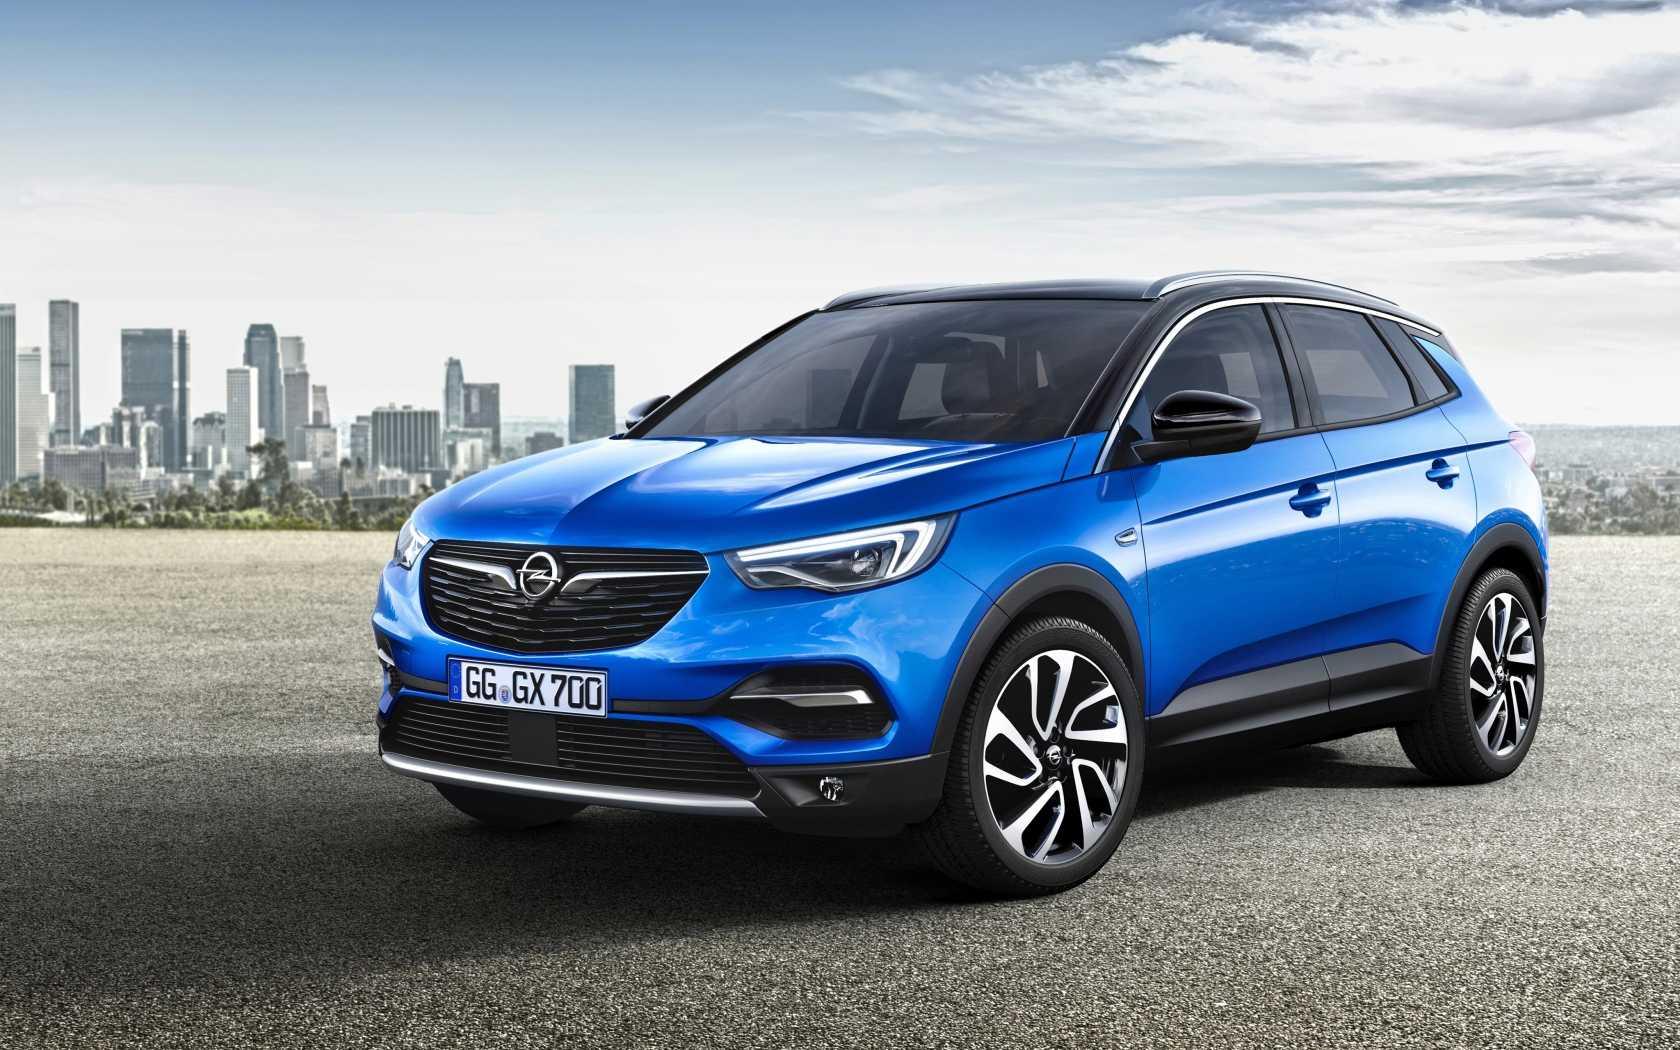 Opel grandland x – немецкий кроссовер с французскими генами и японским автоматом